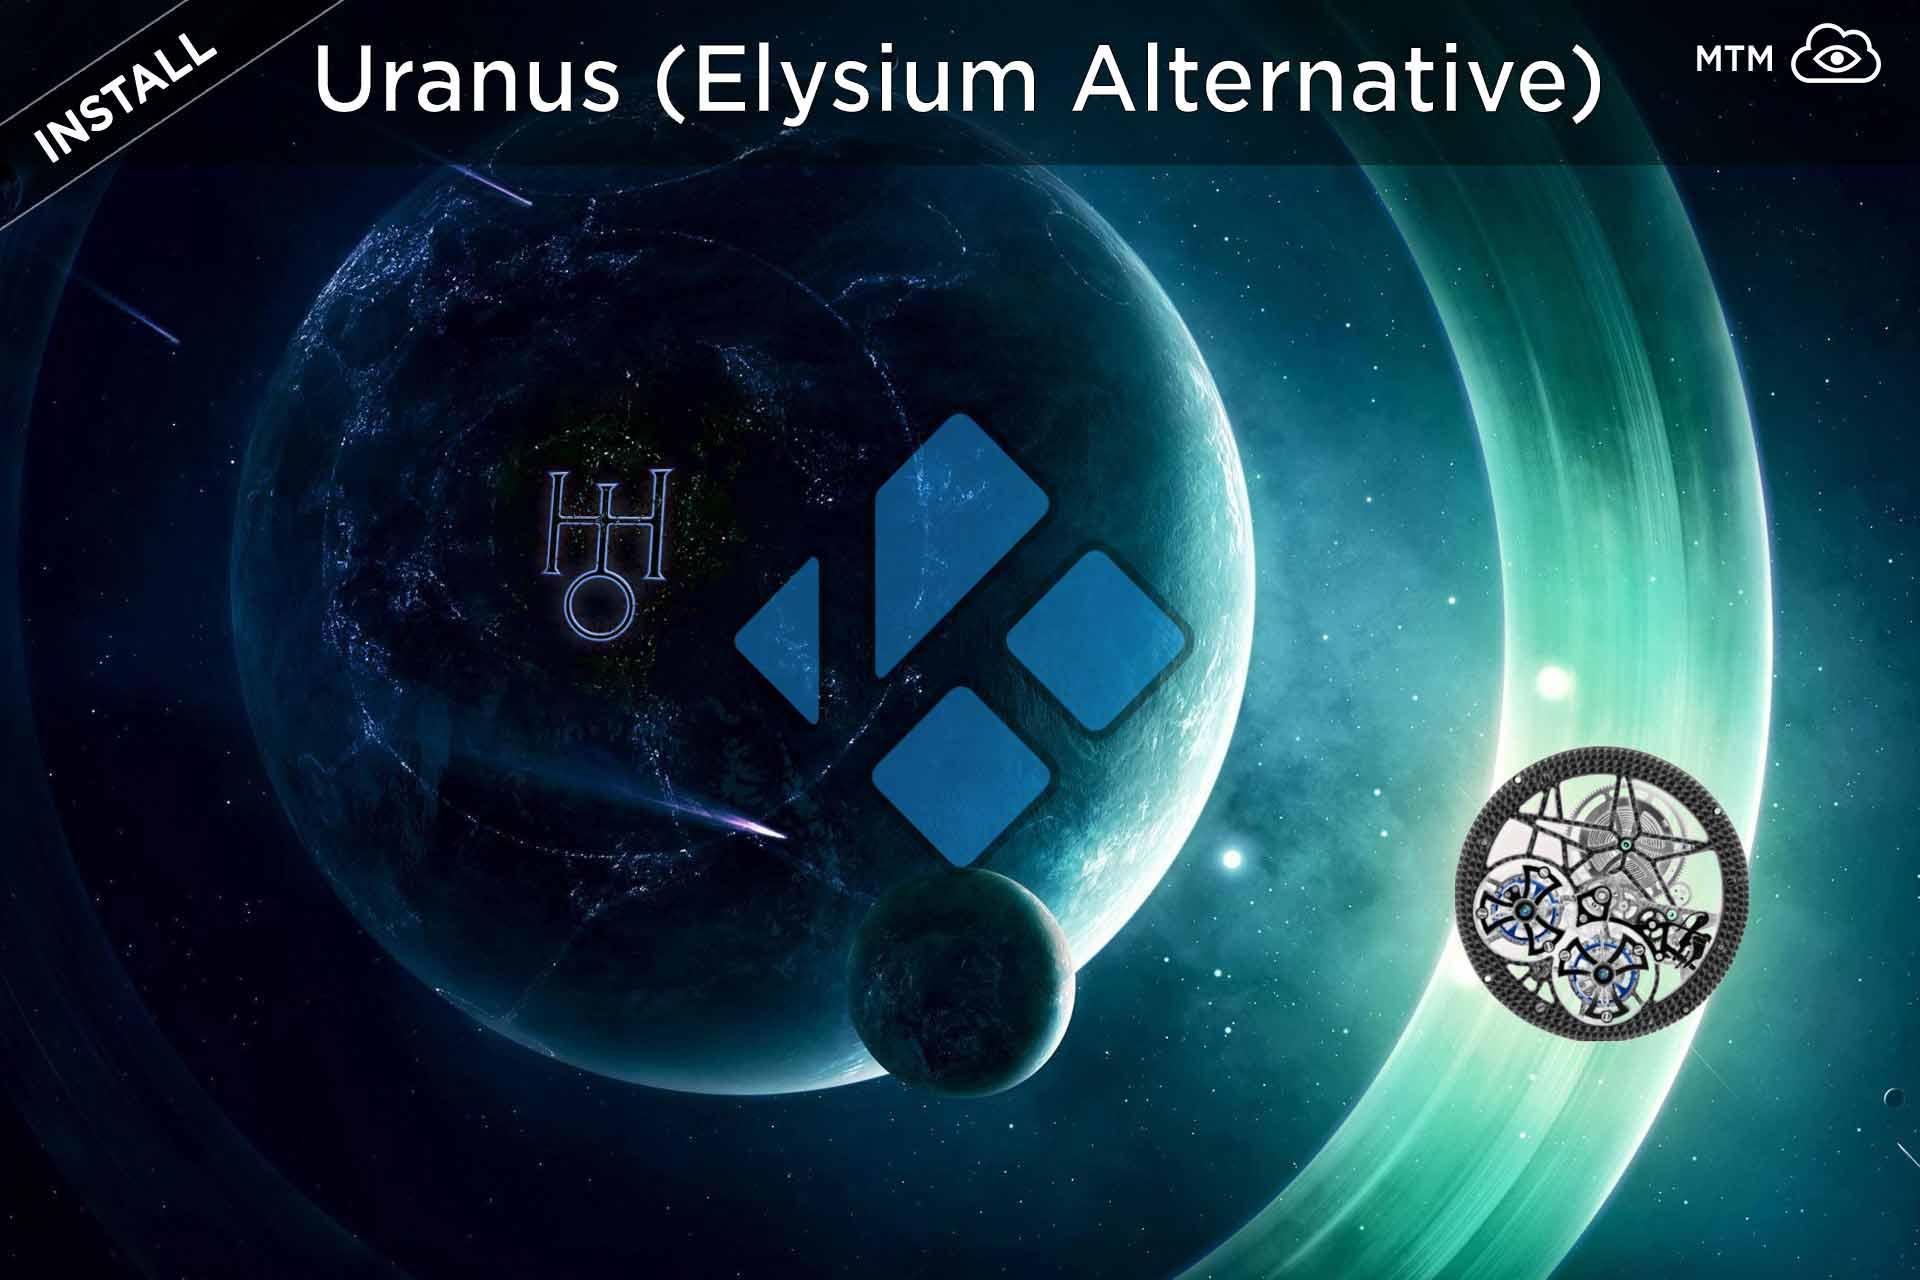 Nola instalatu Uranus Kodi Addon (Elysium Alternative)